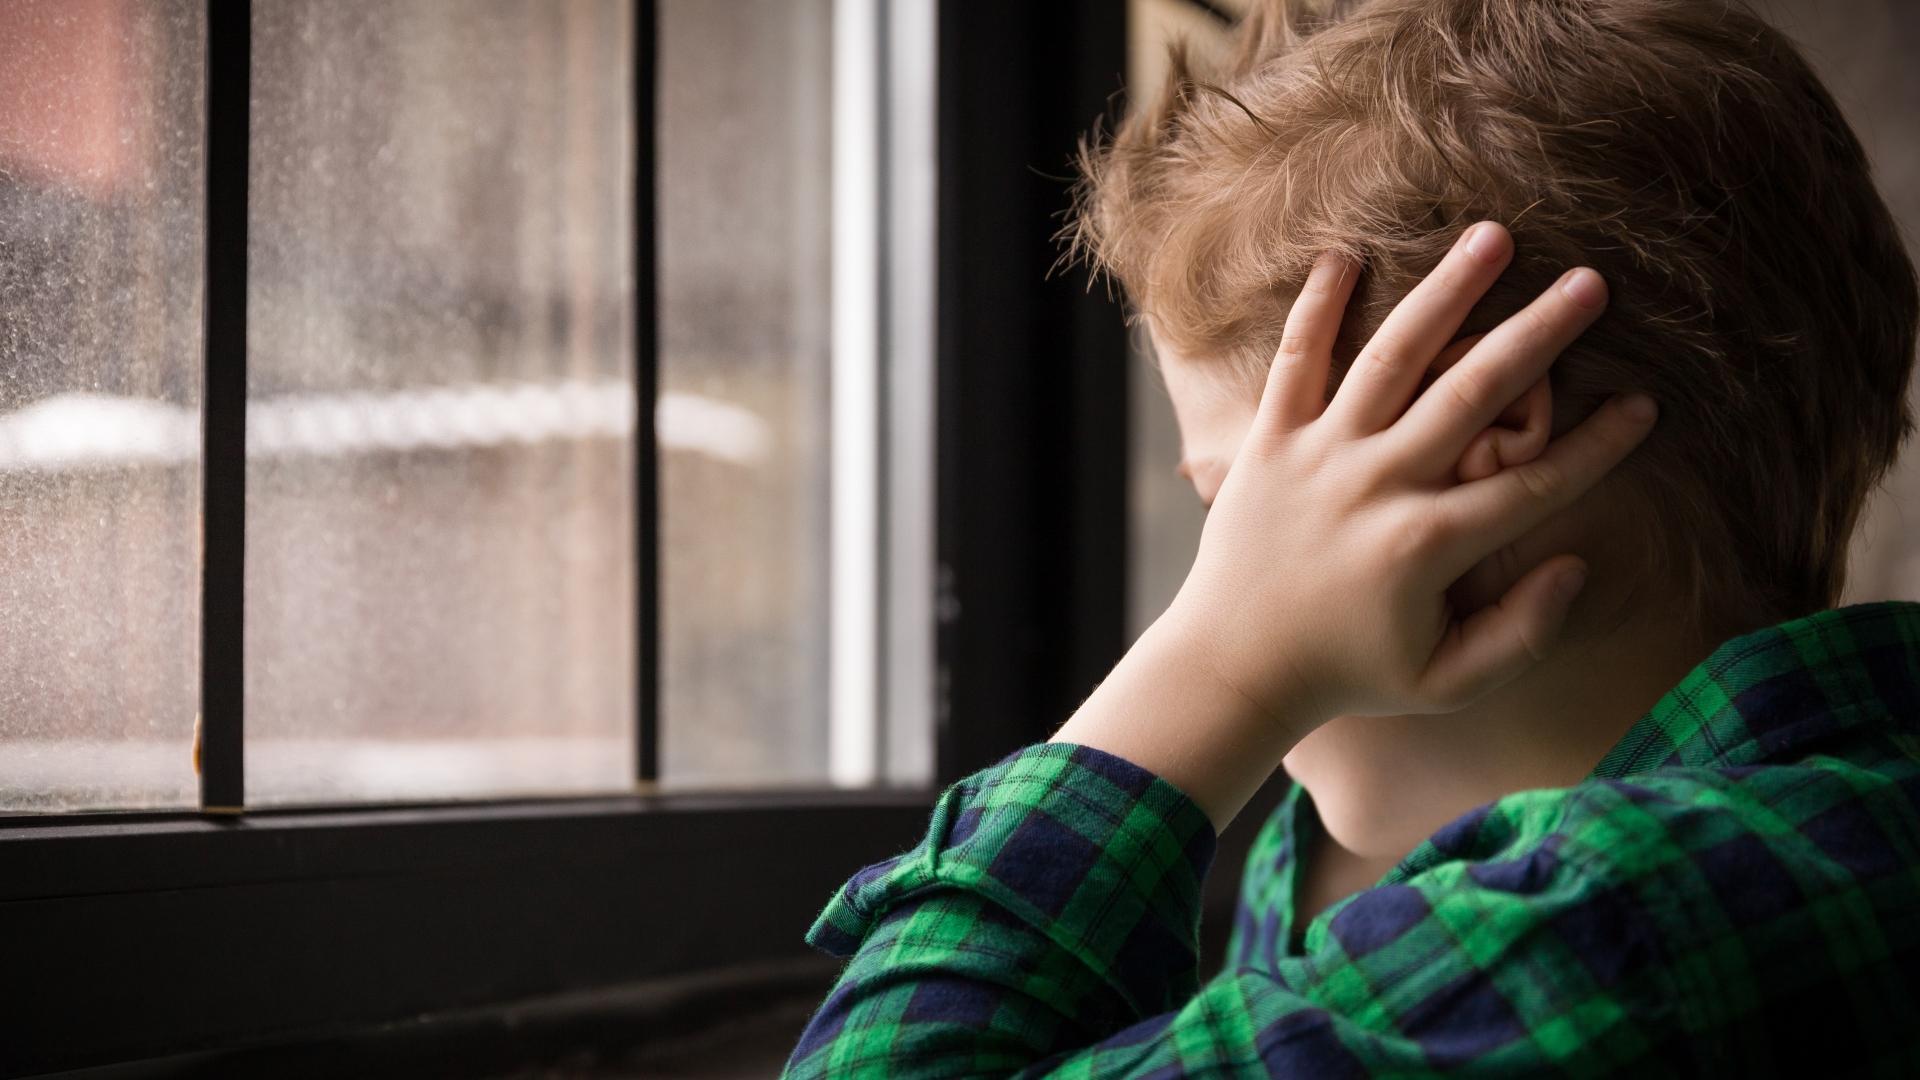 Детскую депрессию и тревожность автоматически диагностировали по речи